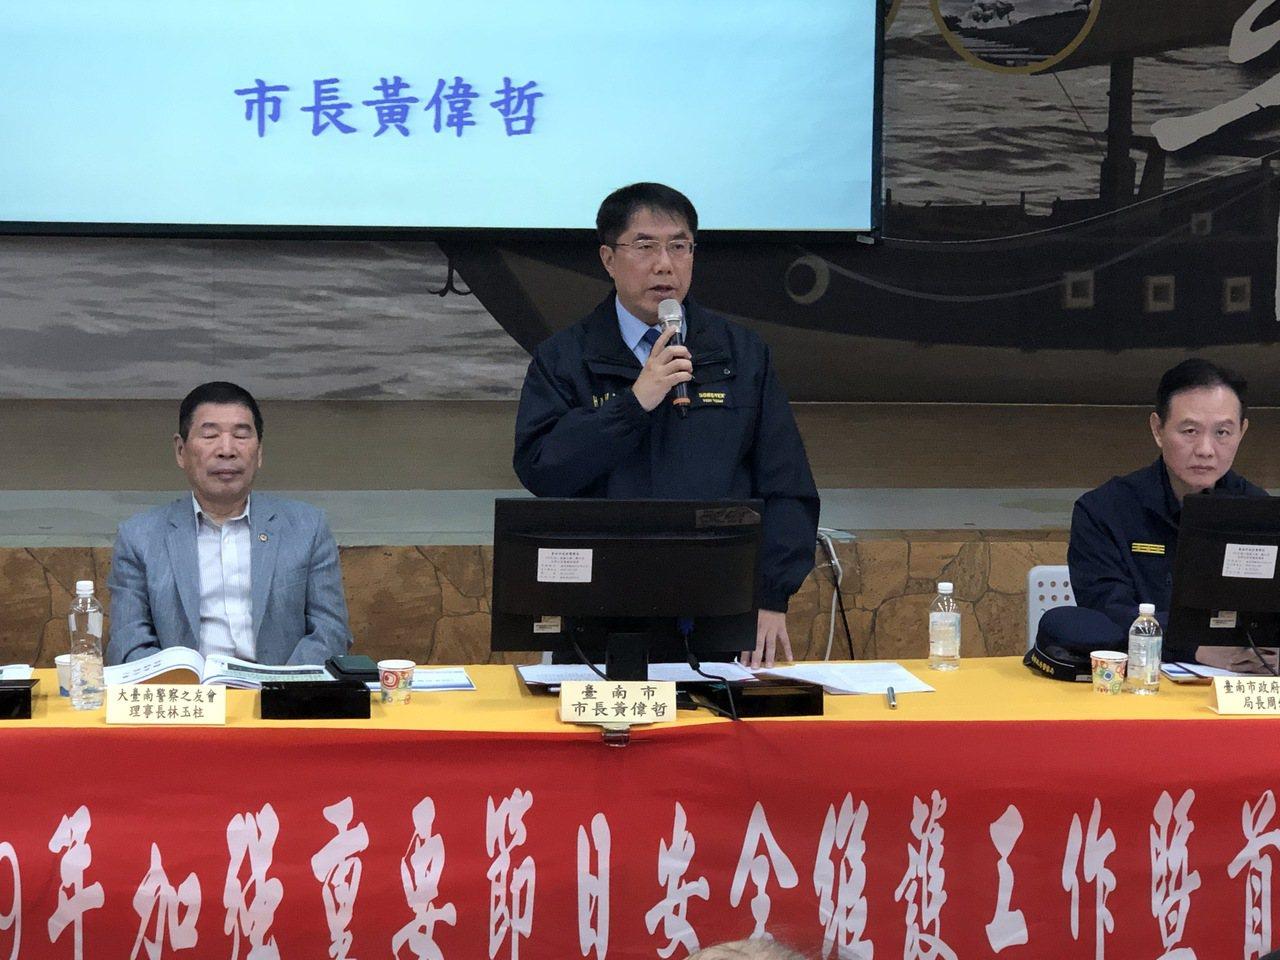 台南市長黃偉哲晚間出席全市同步擴大臨檢勤前教育會議,他表示,春安期間治安、交通不...